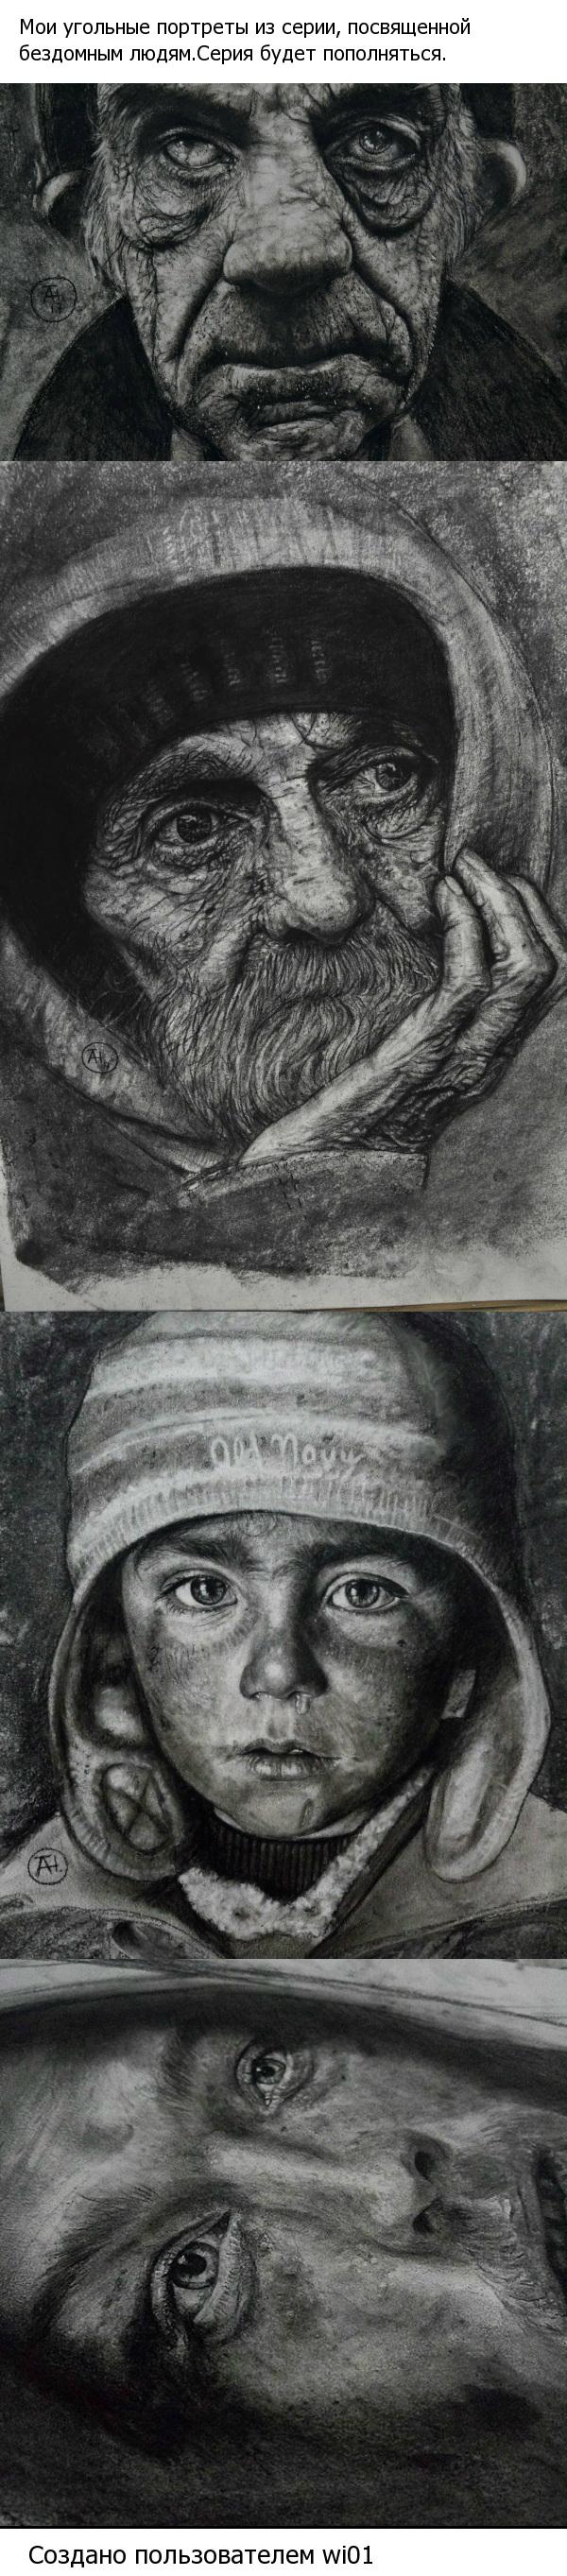 Серия портретов (уголь) Портрет, Угольный карандаш, Рисунок углем, Бездомные, Портреты людей, Портретист, Длиннопост